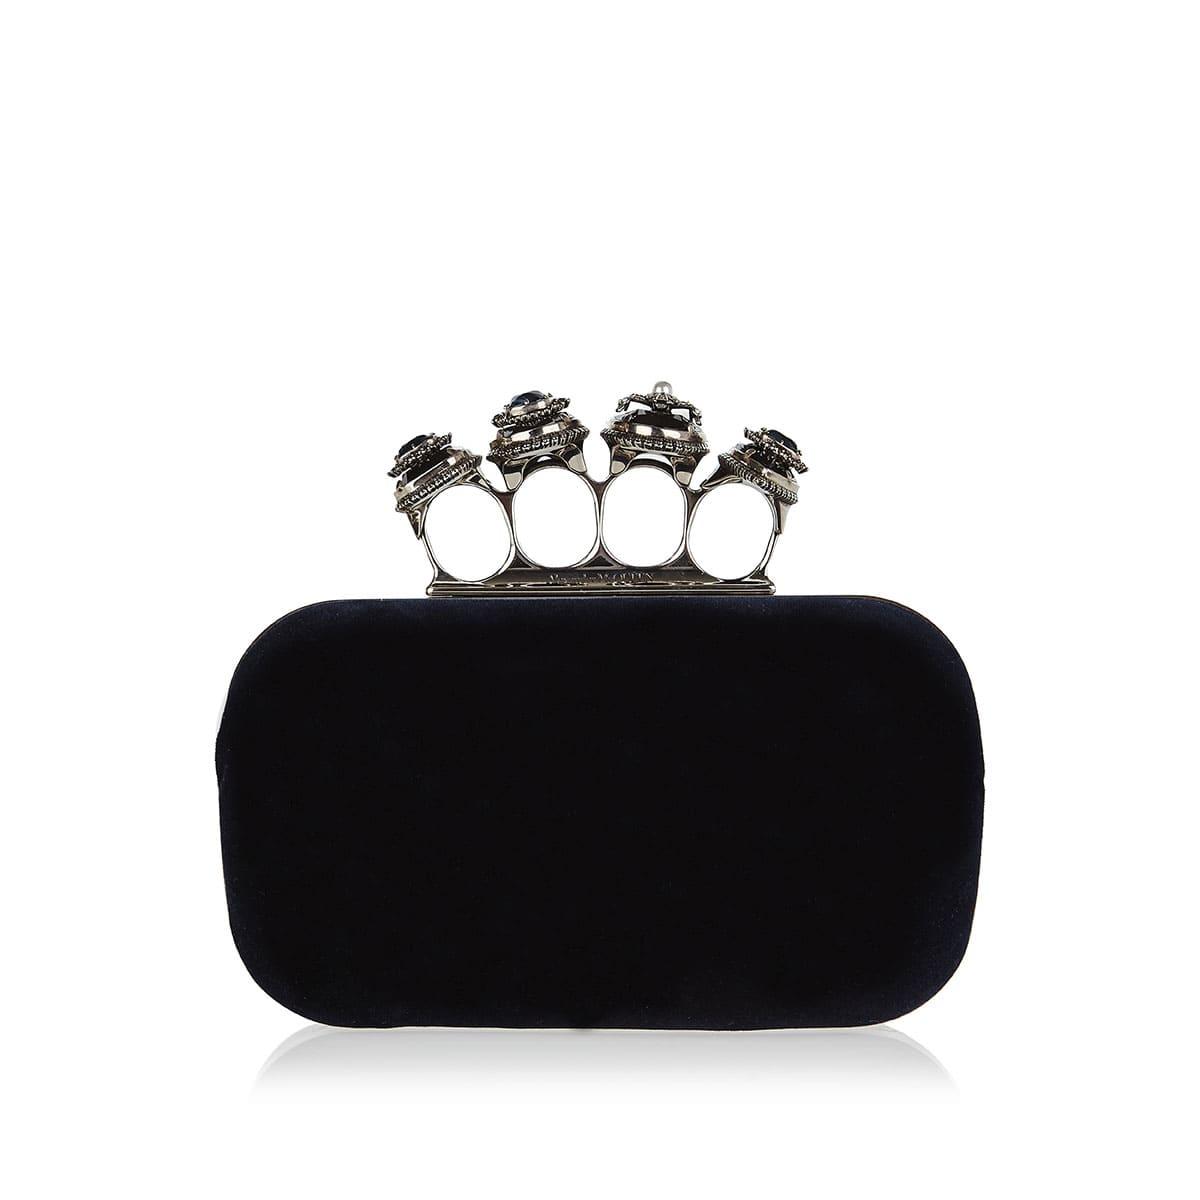 Four ring velvet box clutch